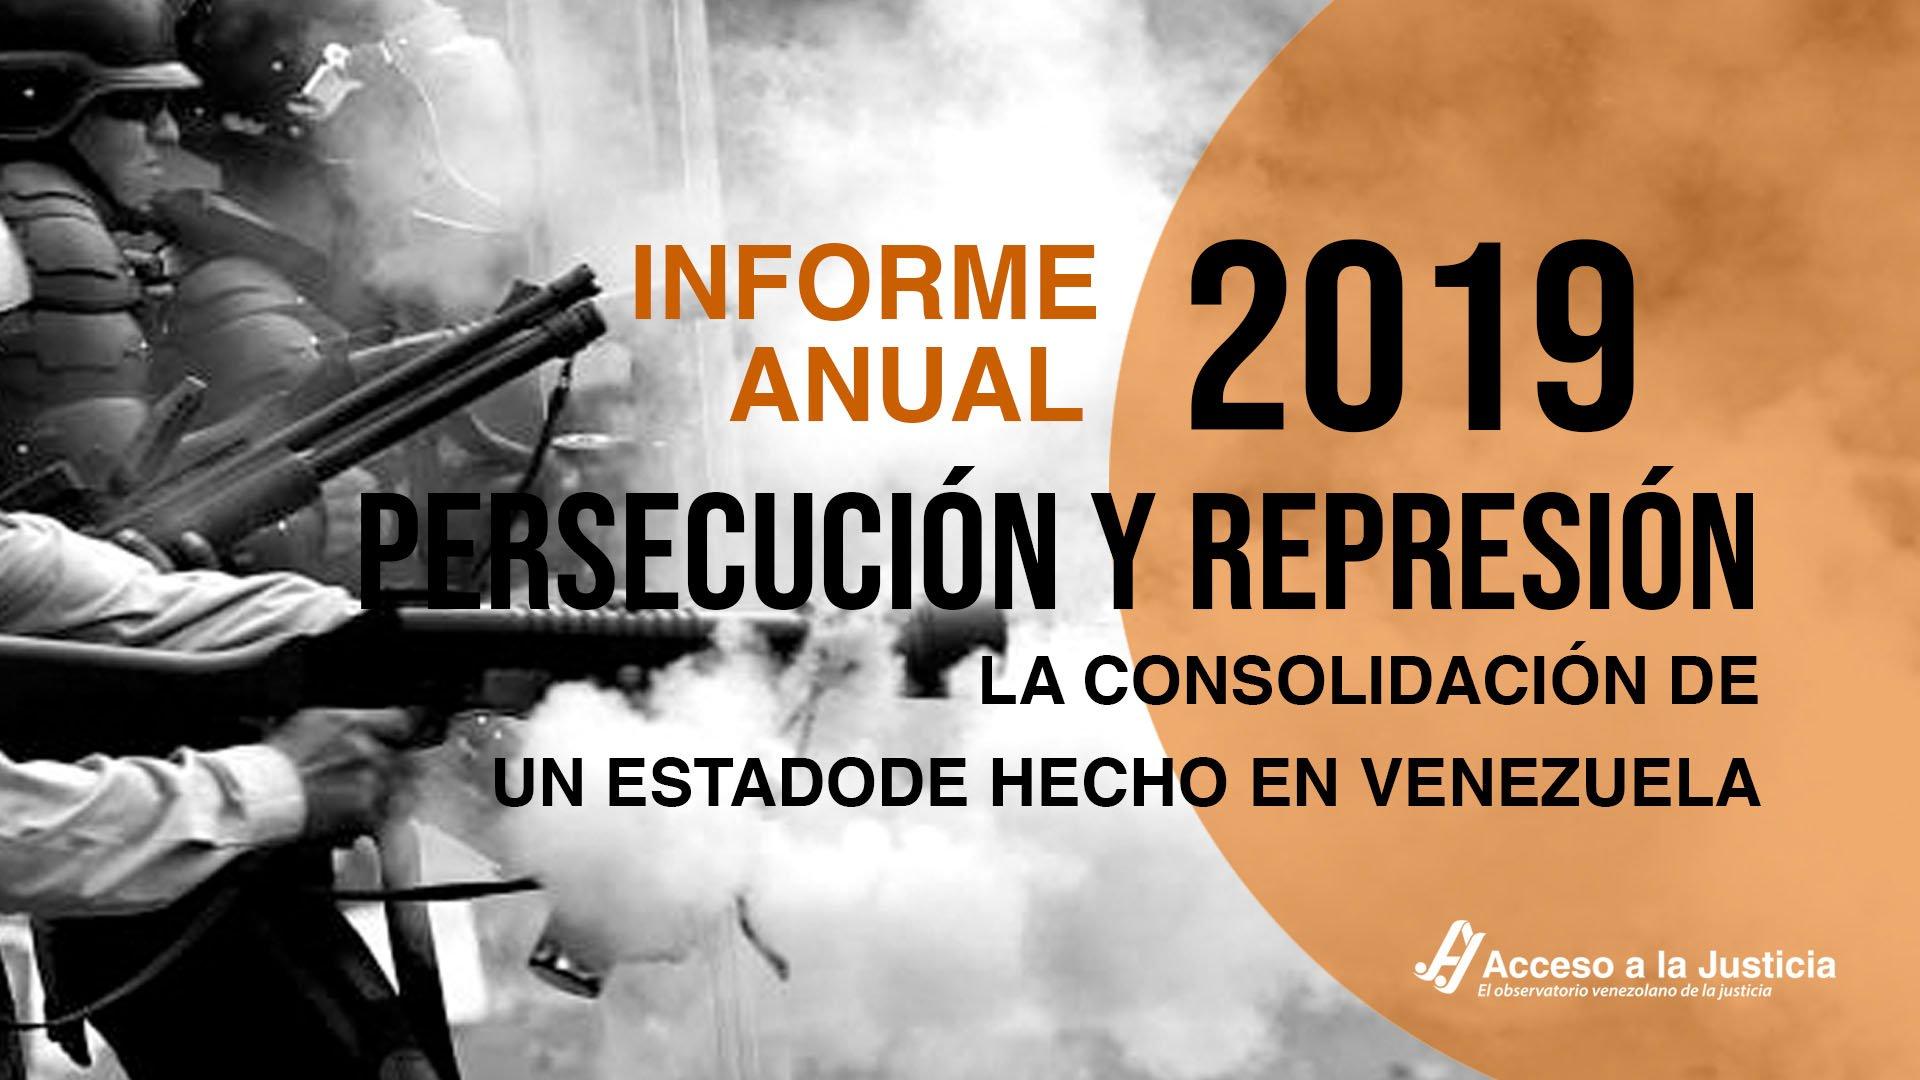 Informe anual 2019. La consolidación de un estado de hecho en Venezuela